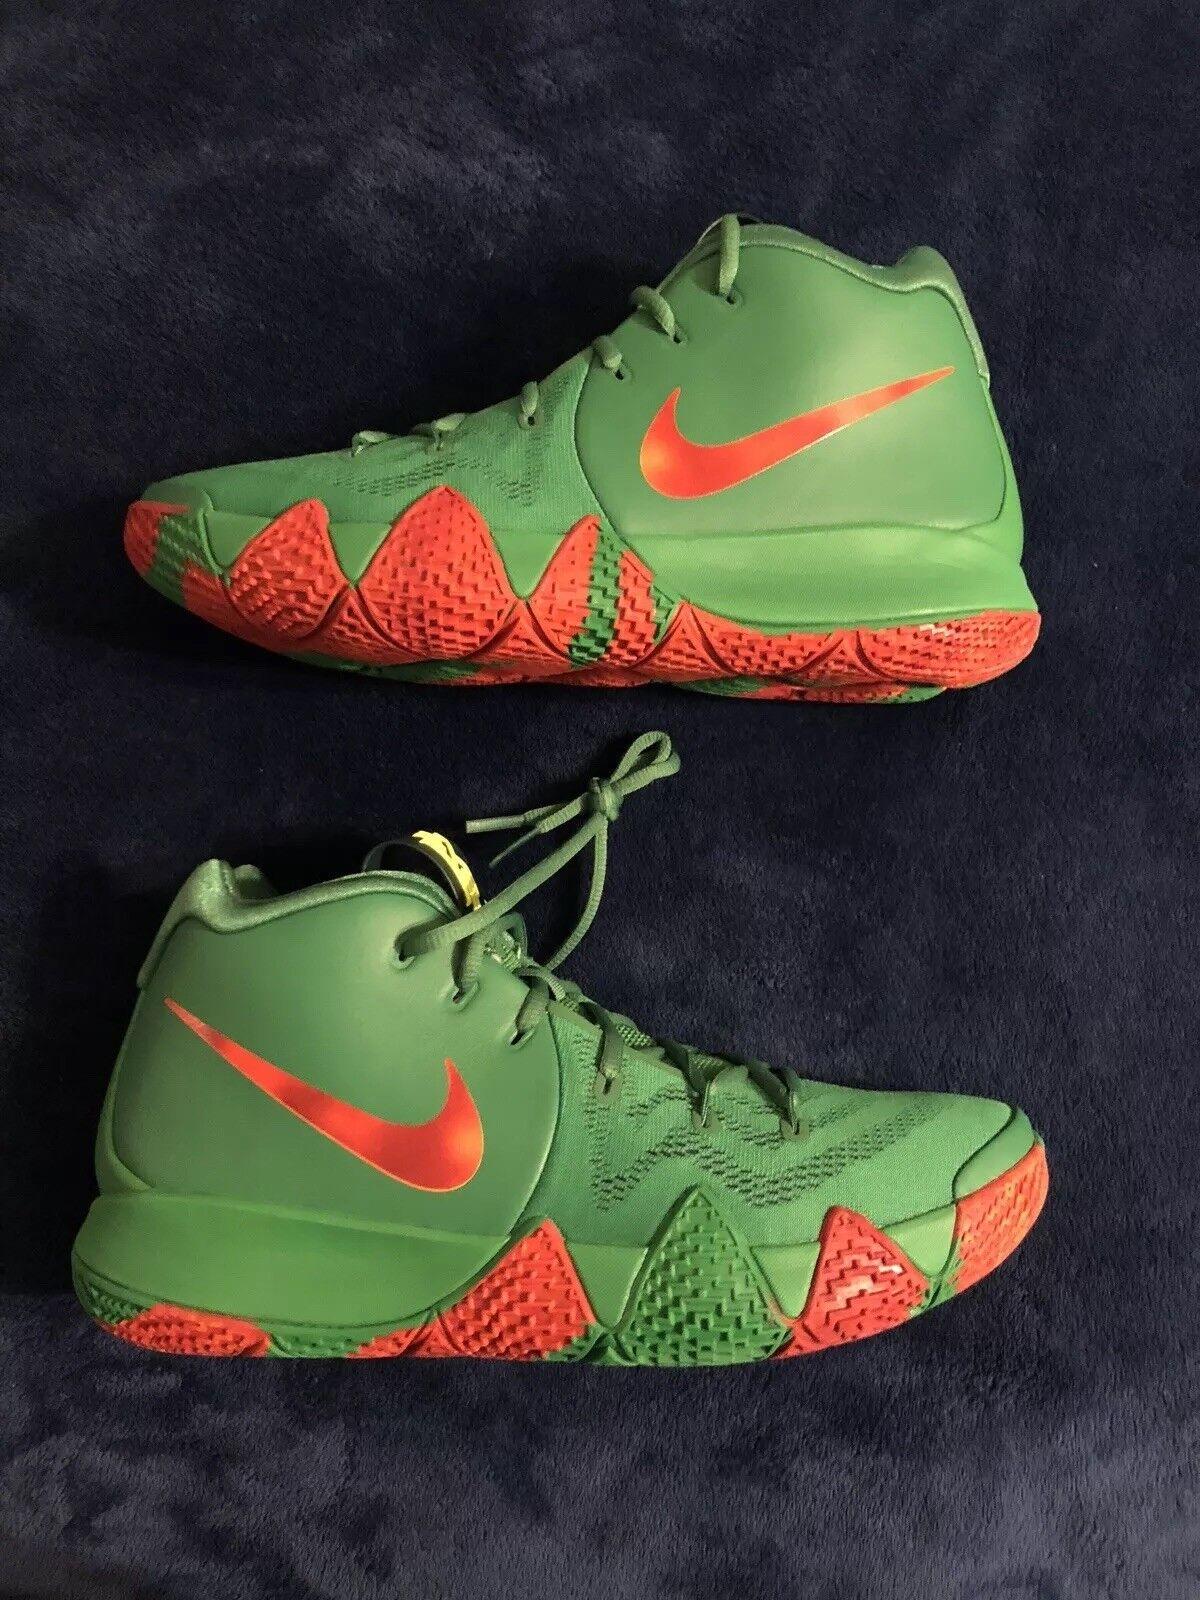 Nike Kyrie Irving 4 zapatos de follaje de otoño p.e. comodo zapatos 4 baratos 1d2481